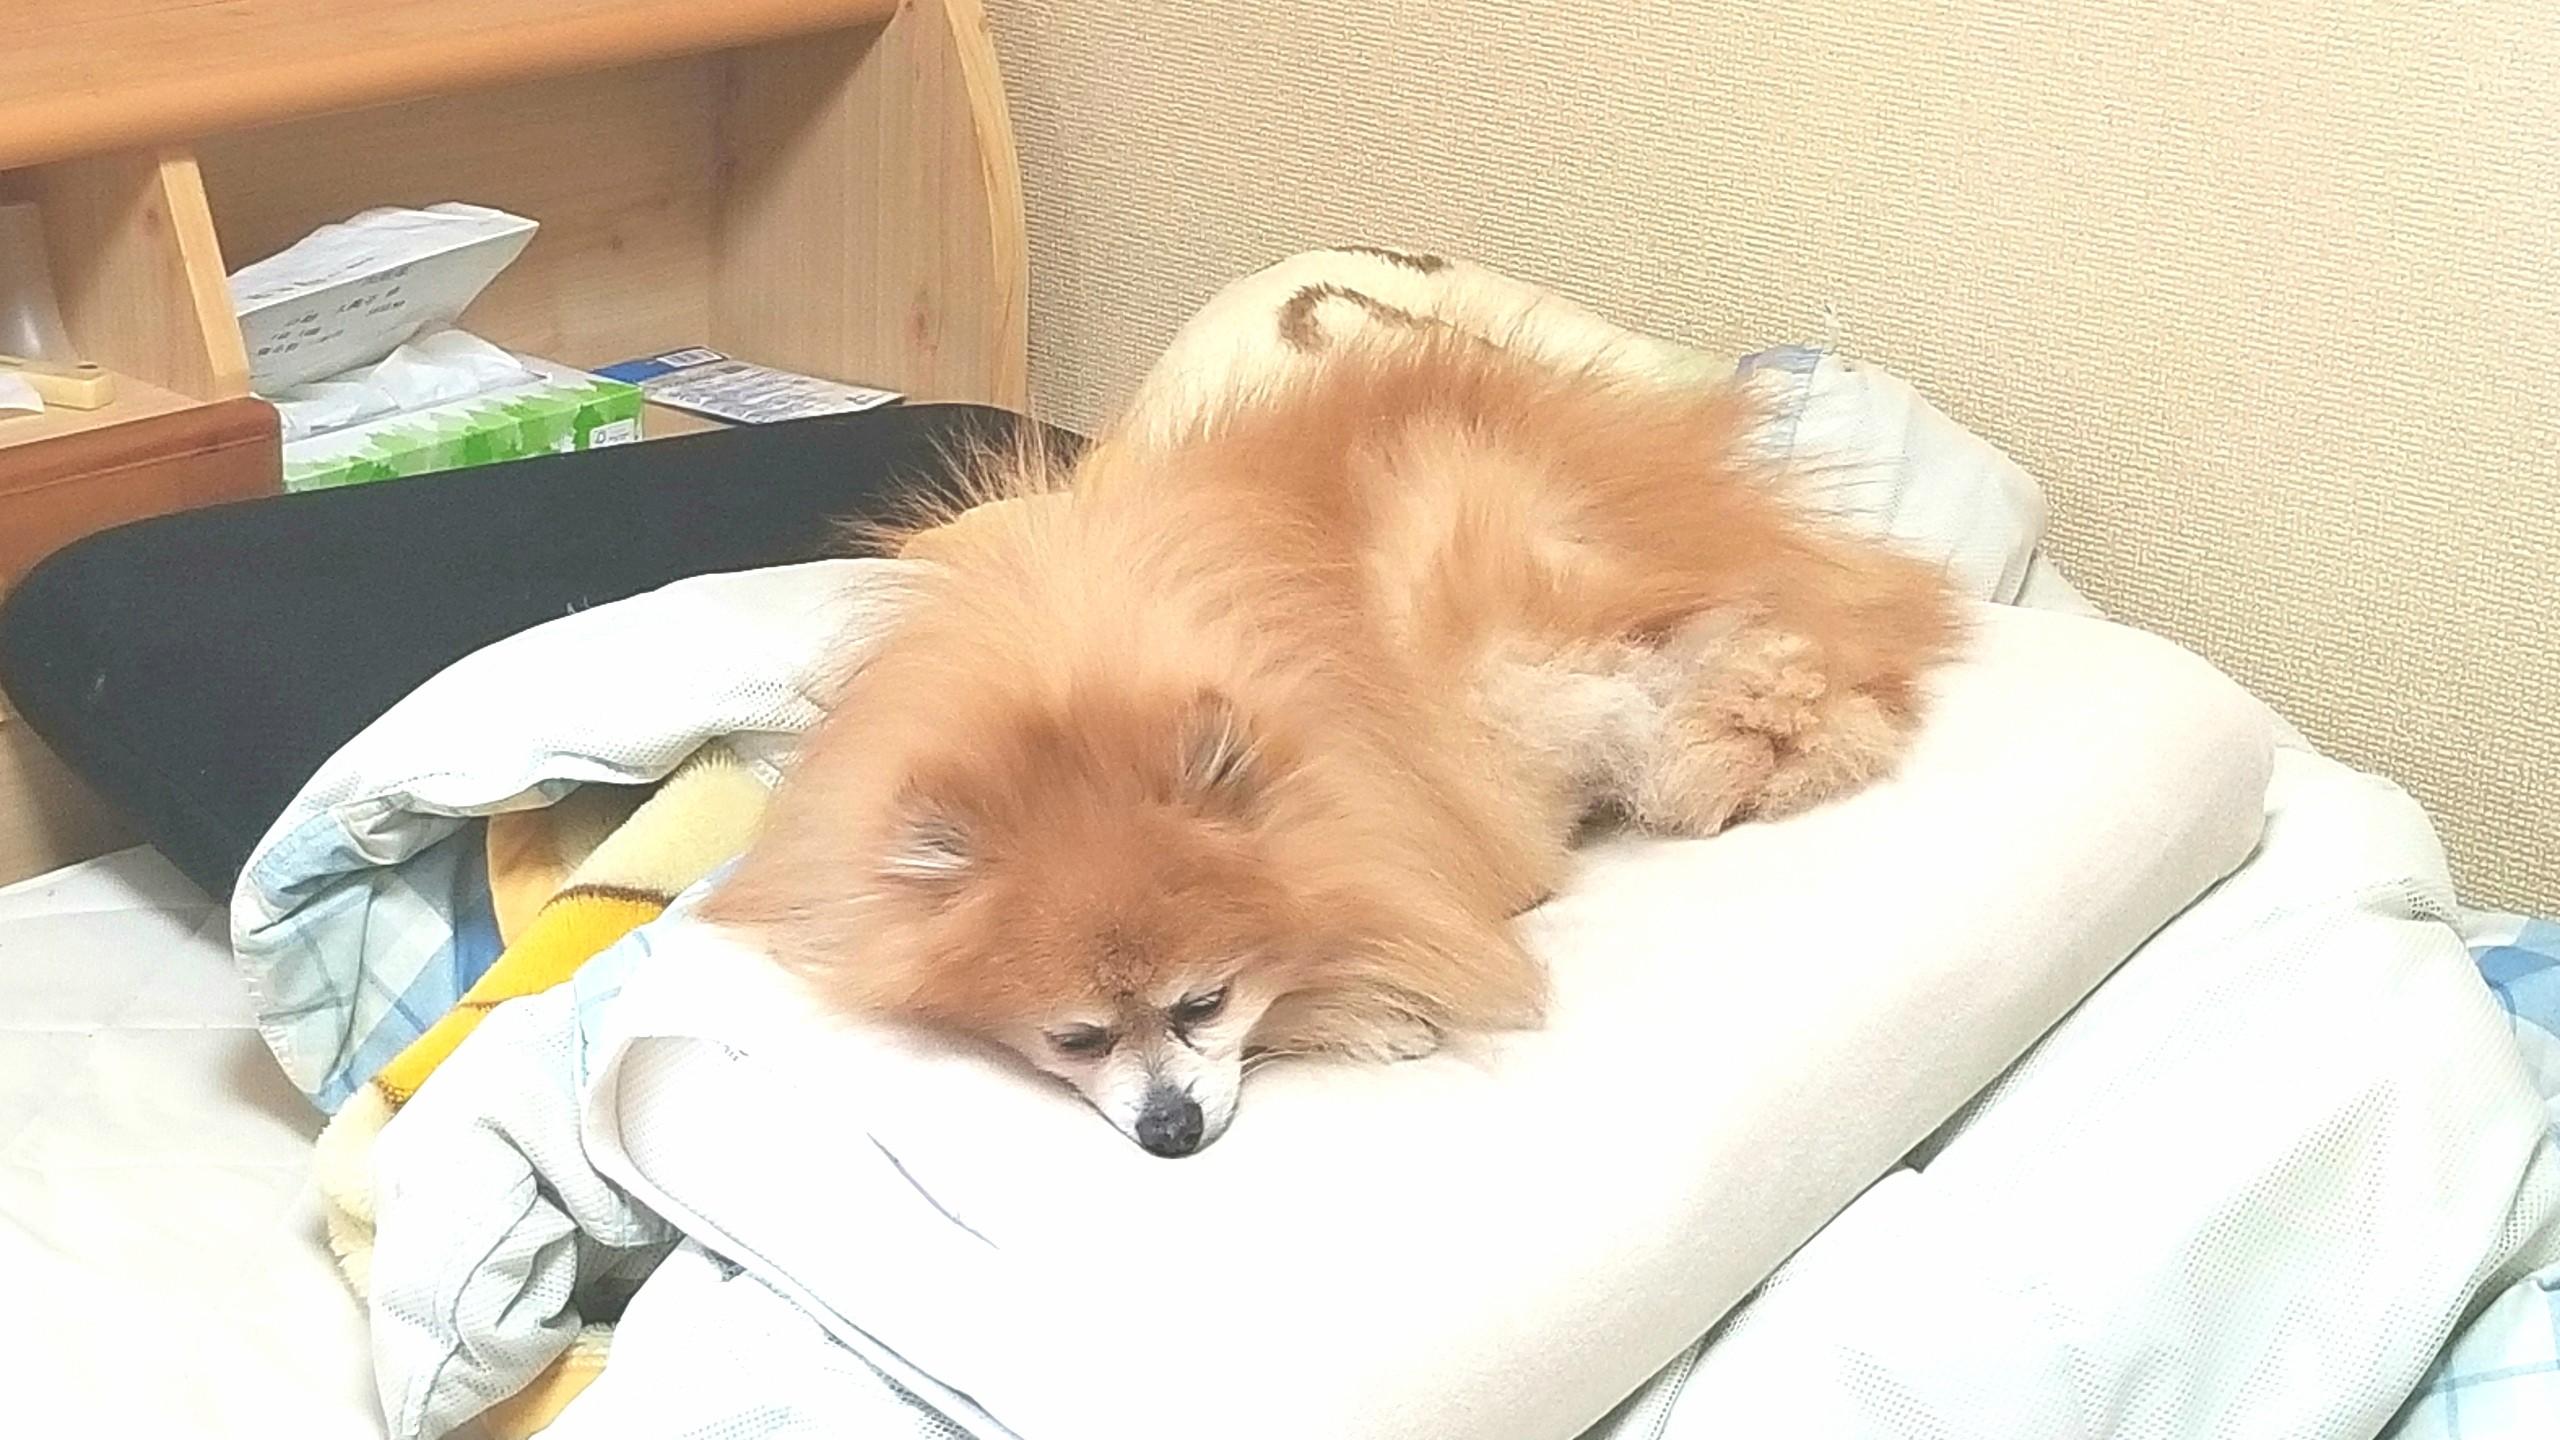 世界一かわいいポメラニアン,大好きな愛犬,ペットは家族,いる暮らし